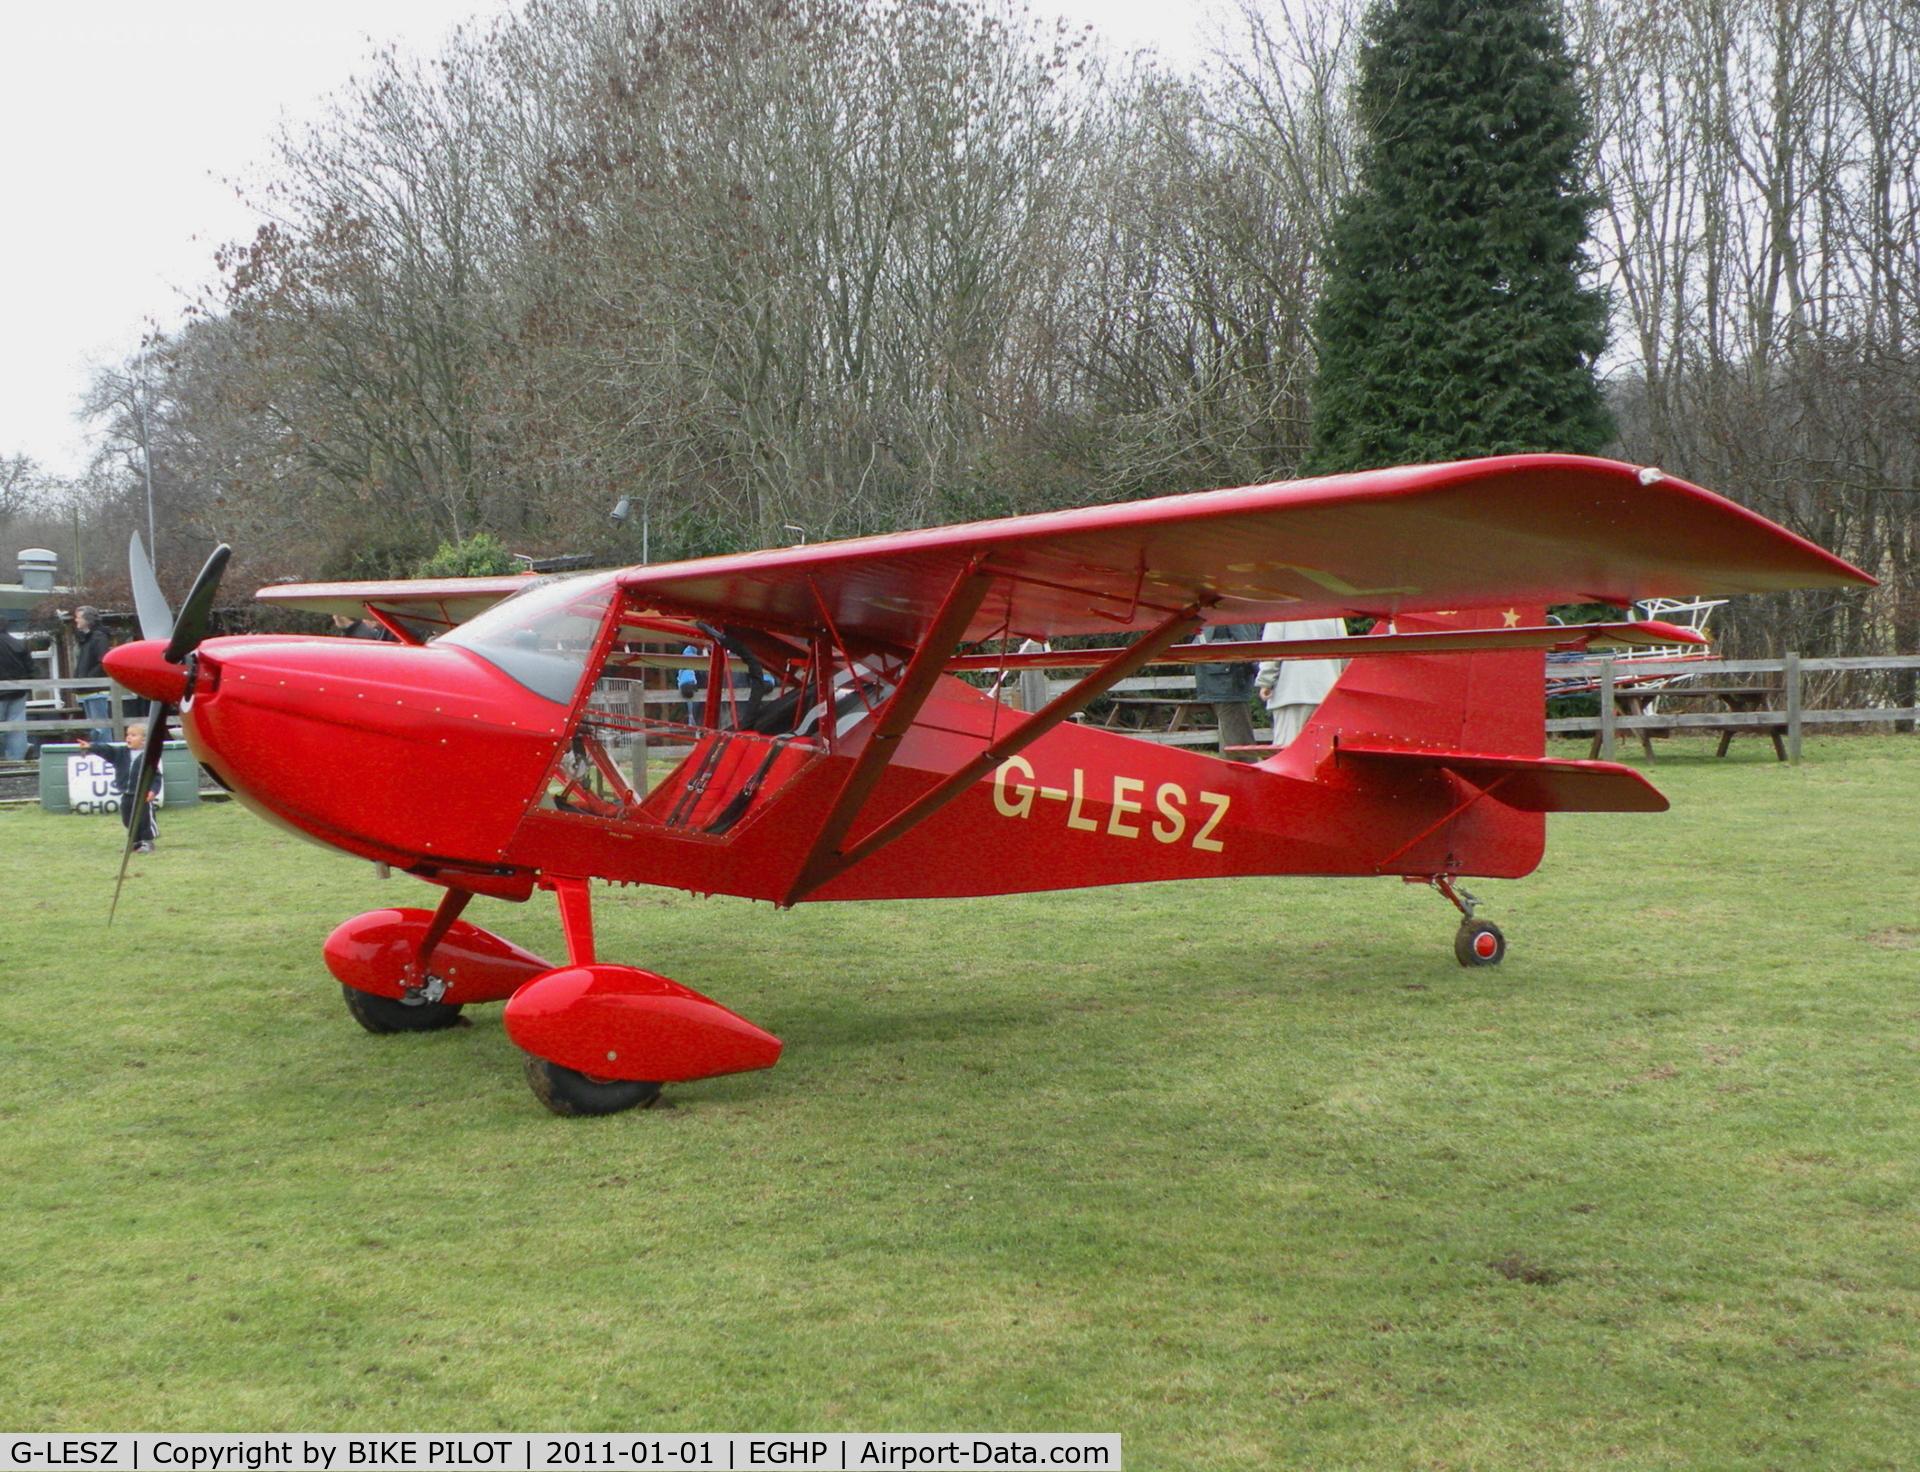 Aircraft G-LESZ (2003 Skystar Kitfox Series 5 C/N PFA 172C